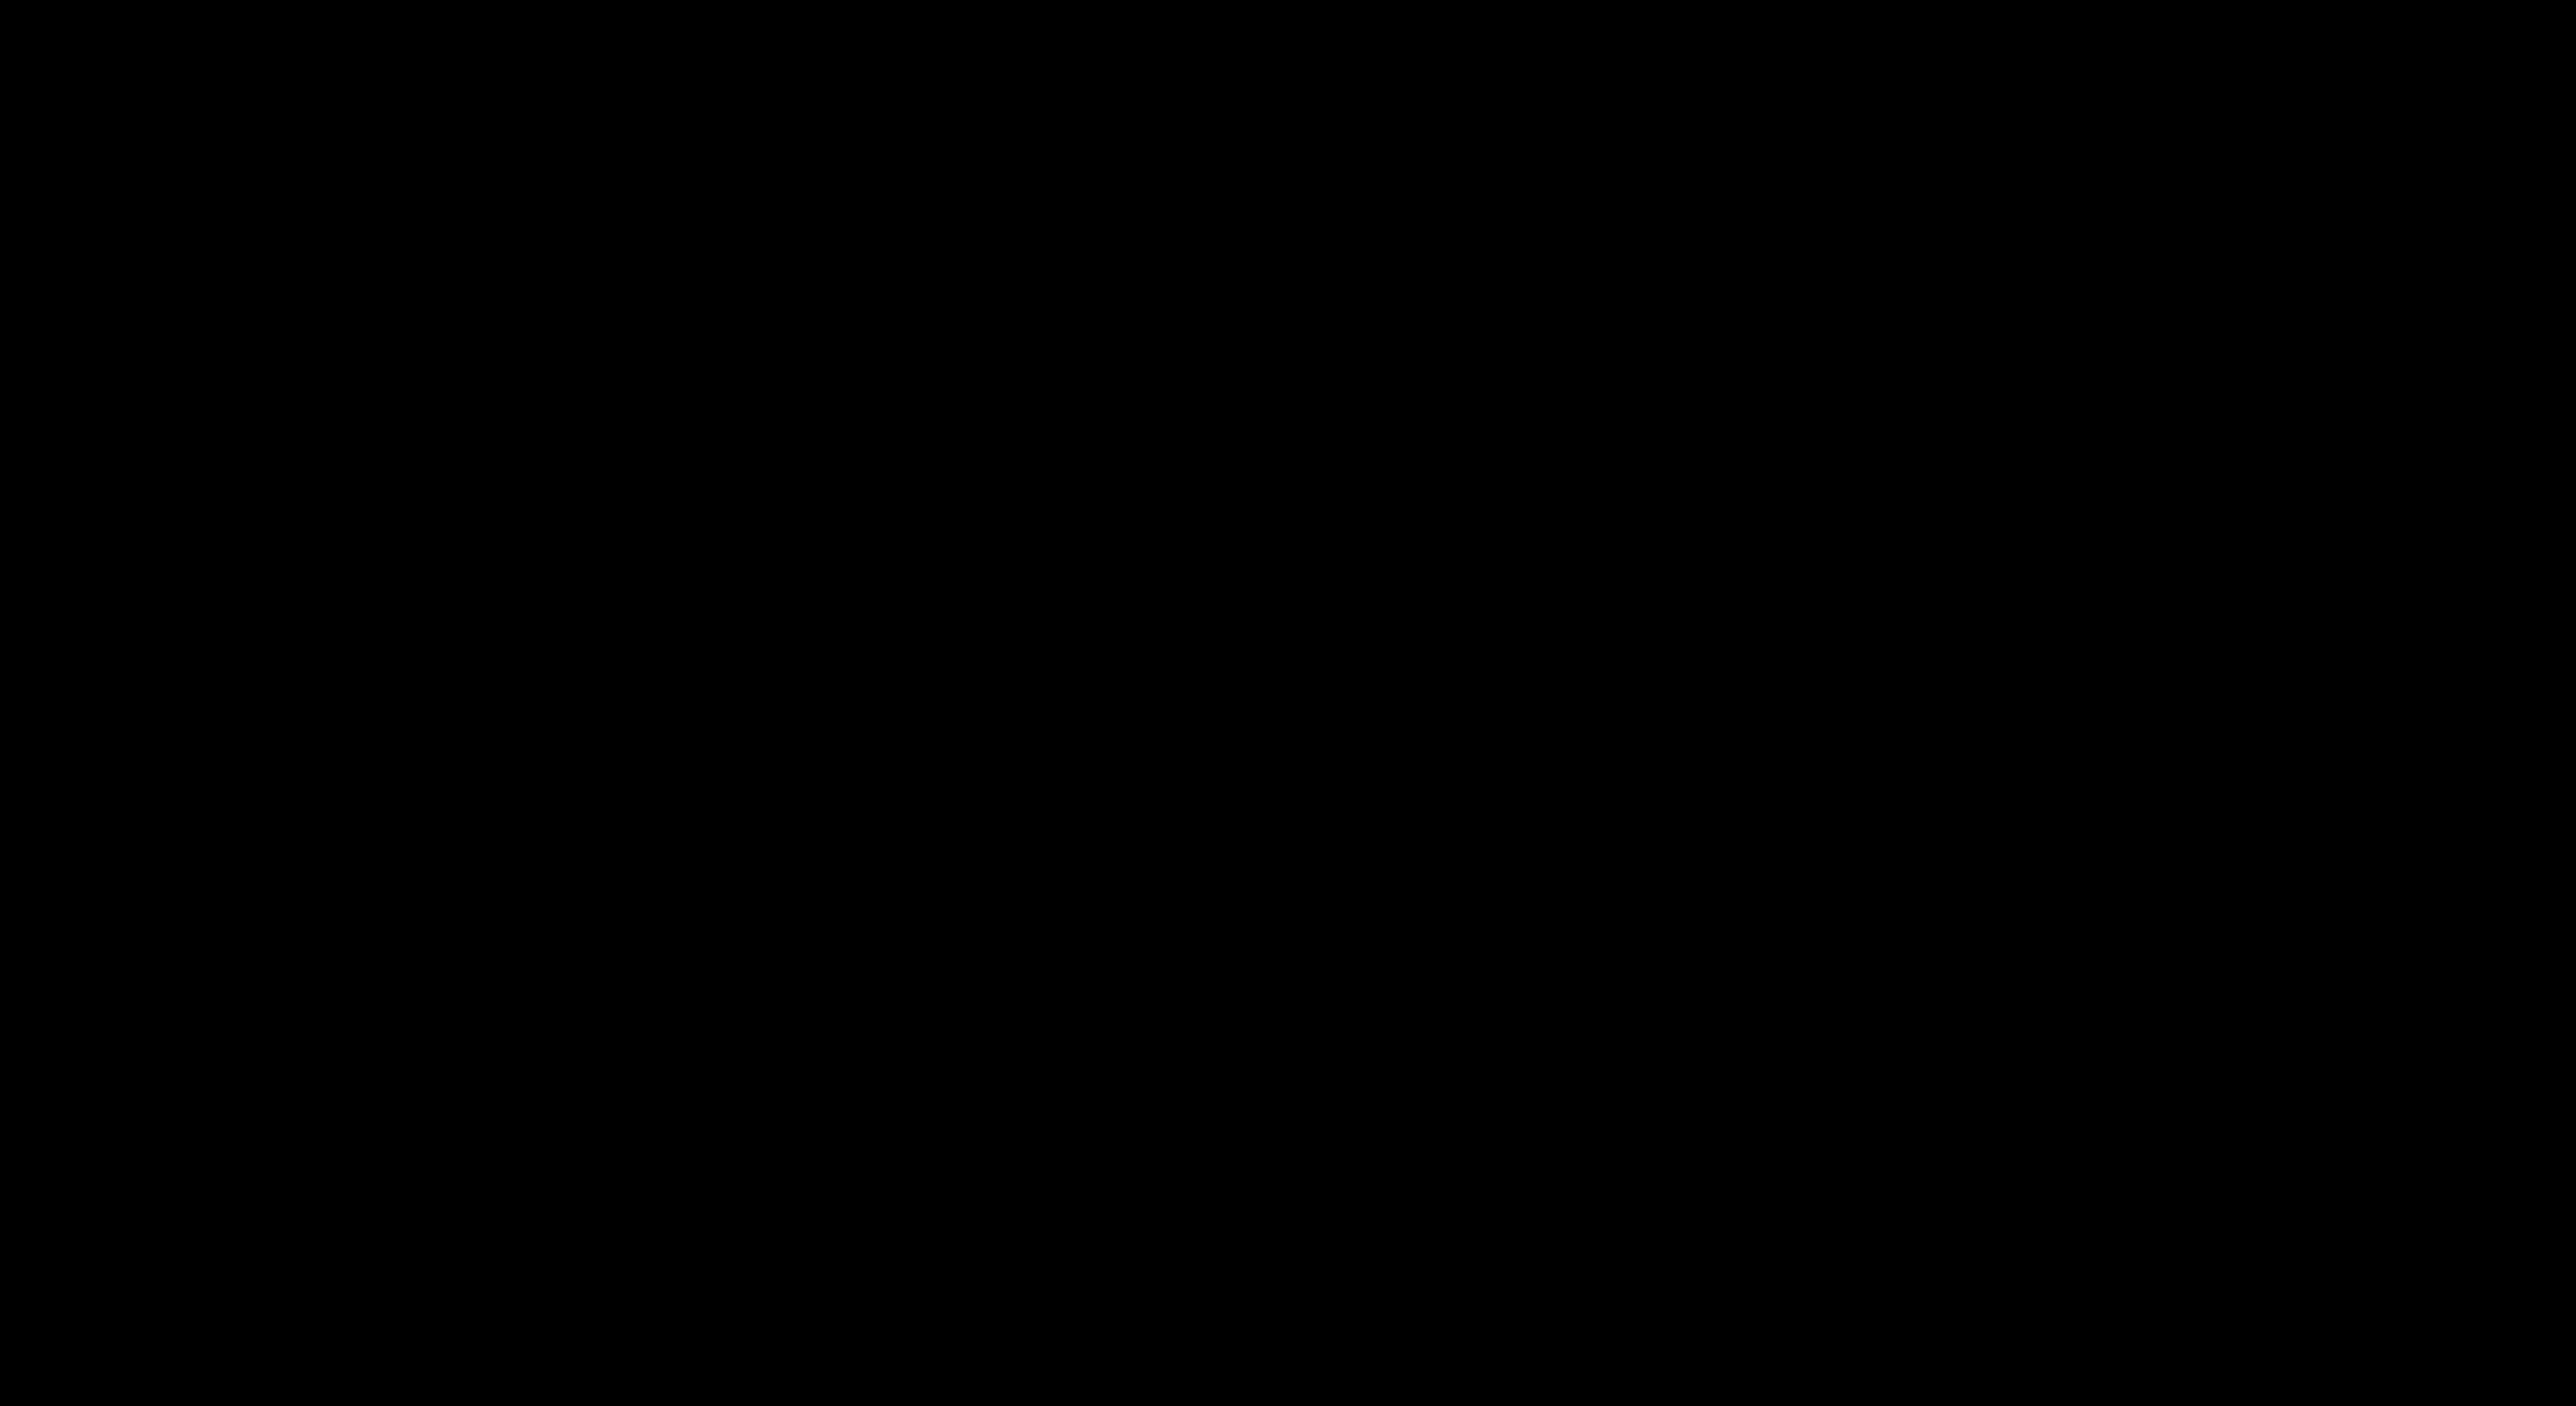 mizuno logo 1 - Mizuno Logo